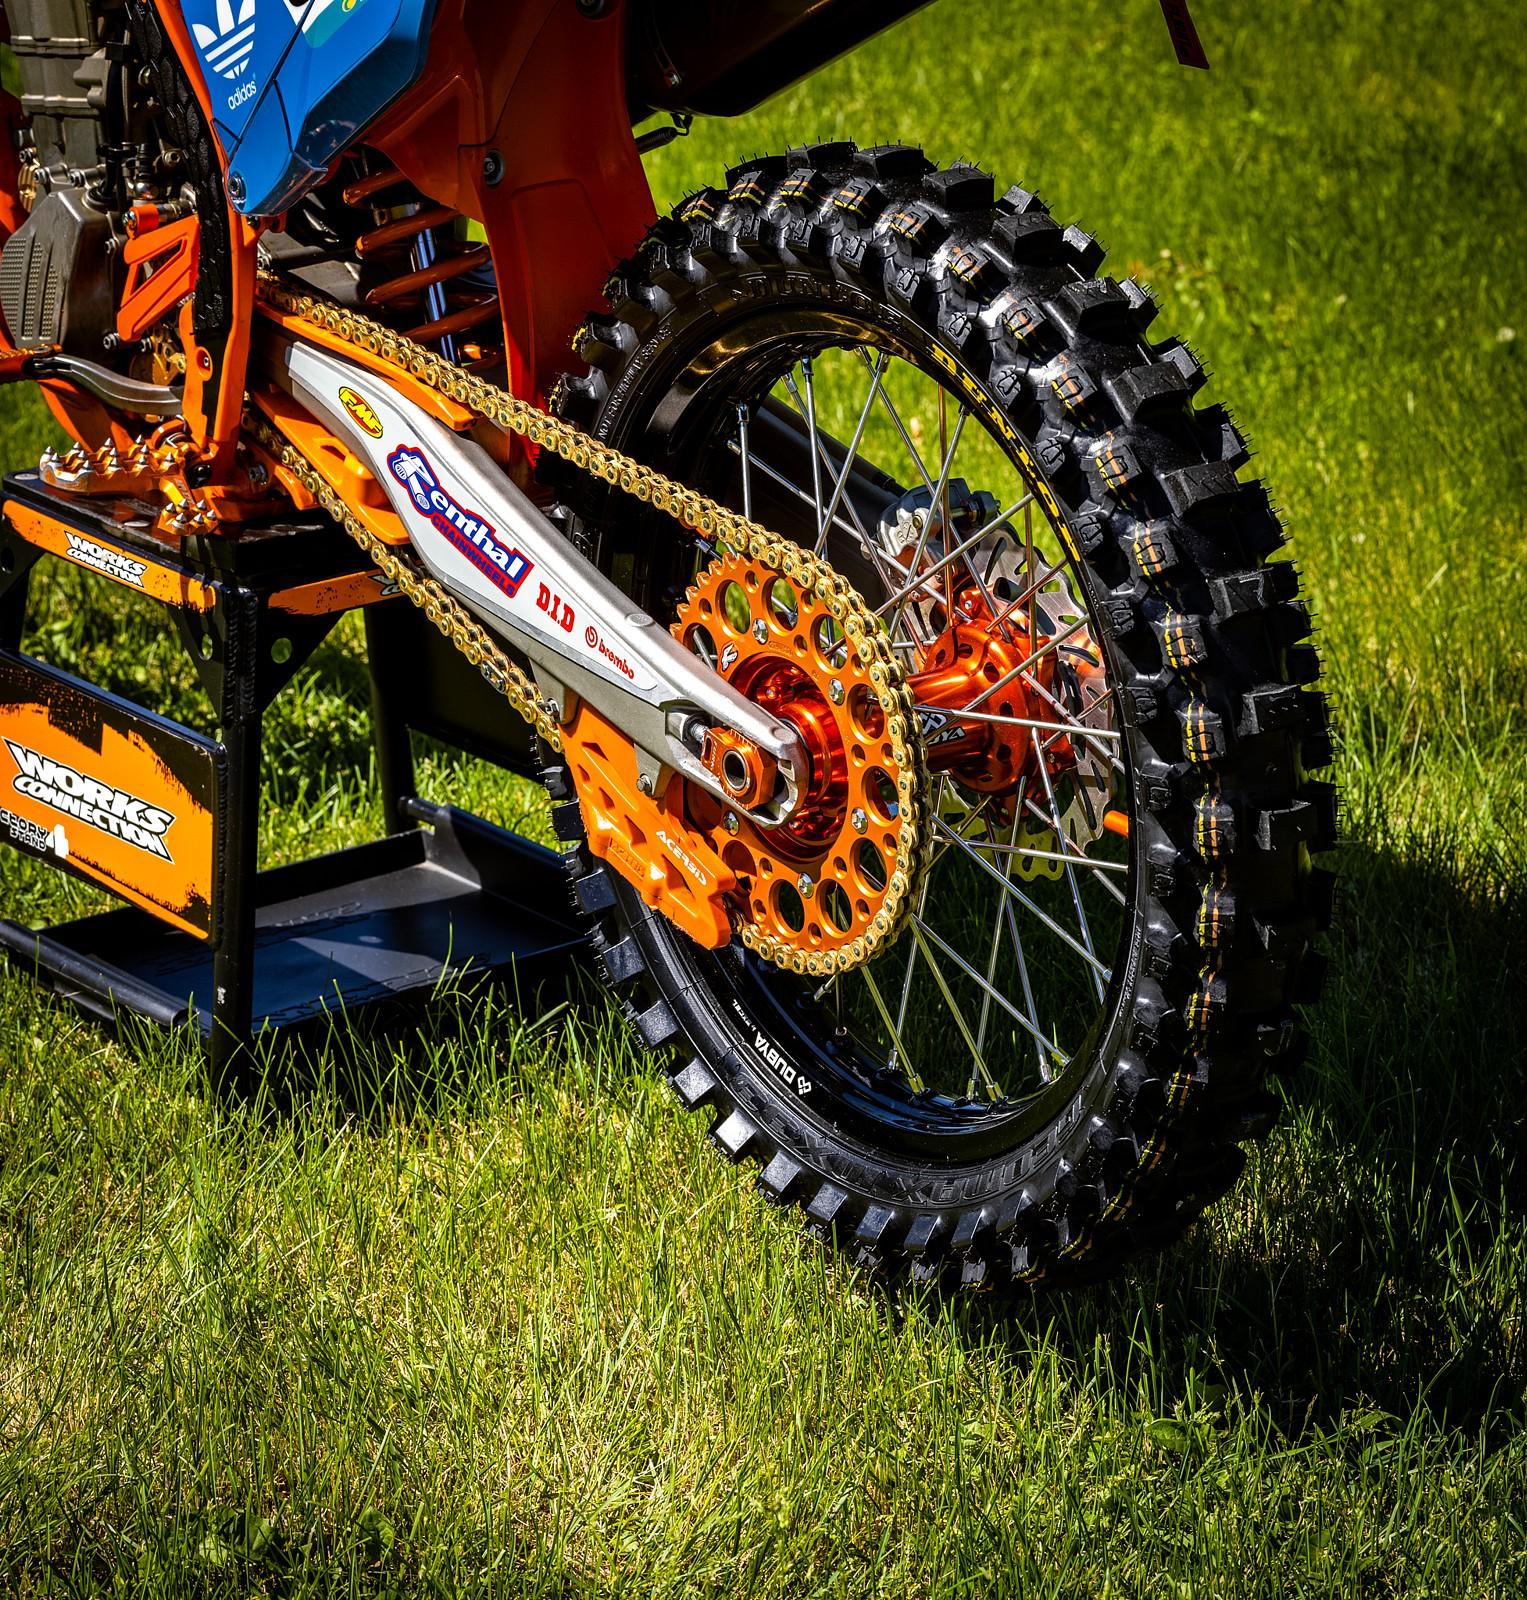 ktm 11 - GForce MMG - Motocross Pictures - Vital MX